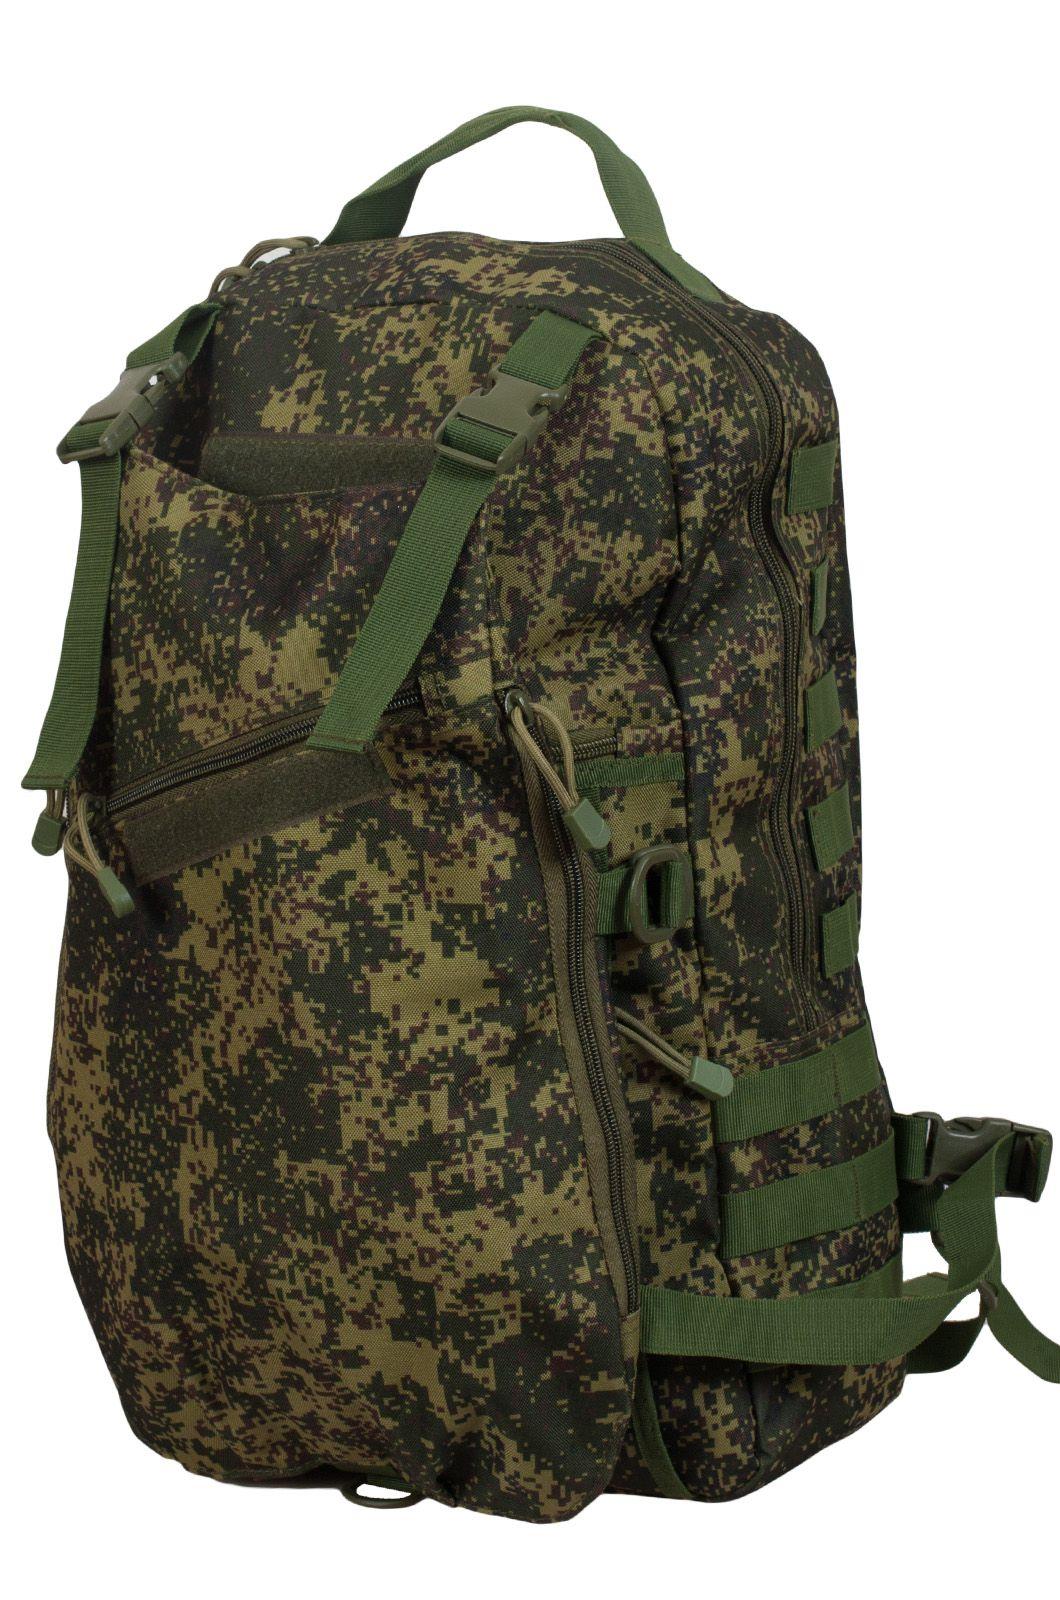 Недорогие тактические военные рюкзаки